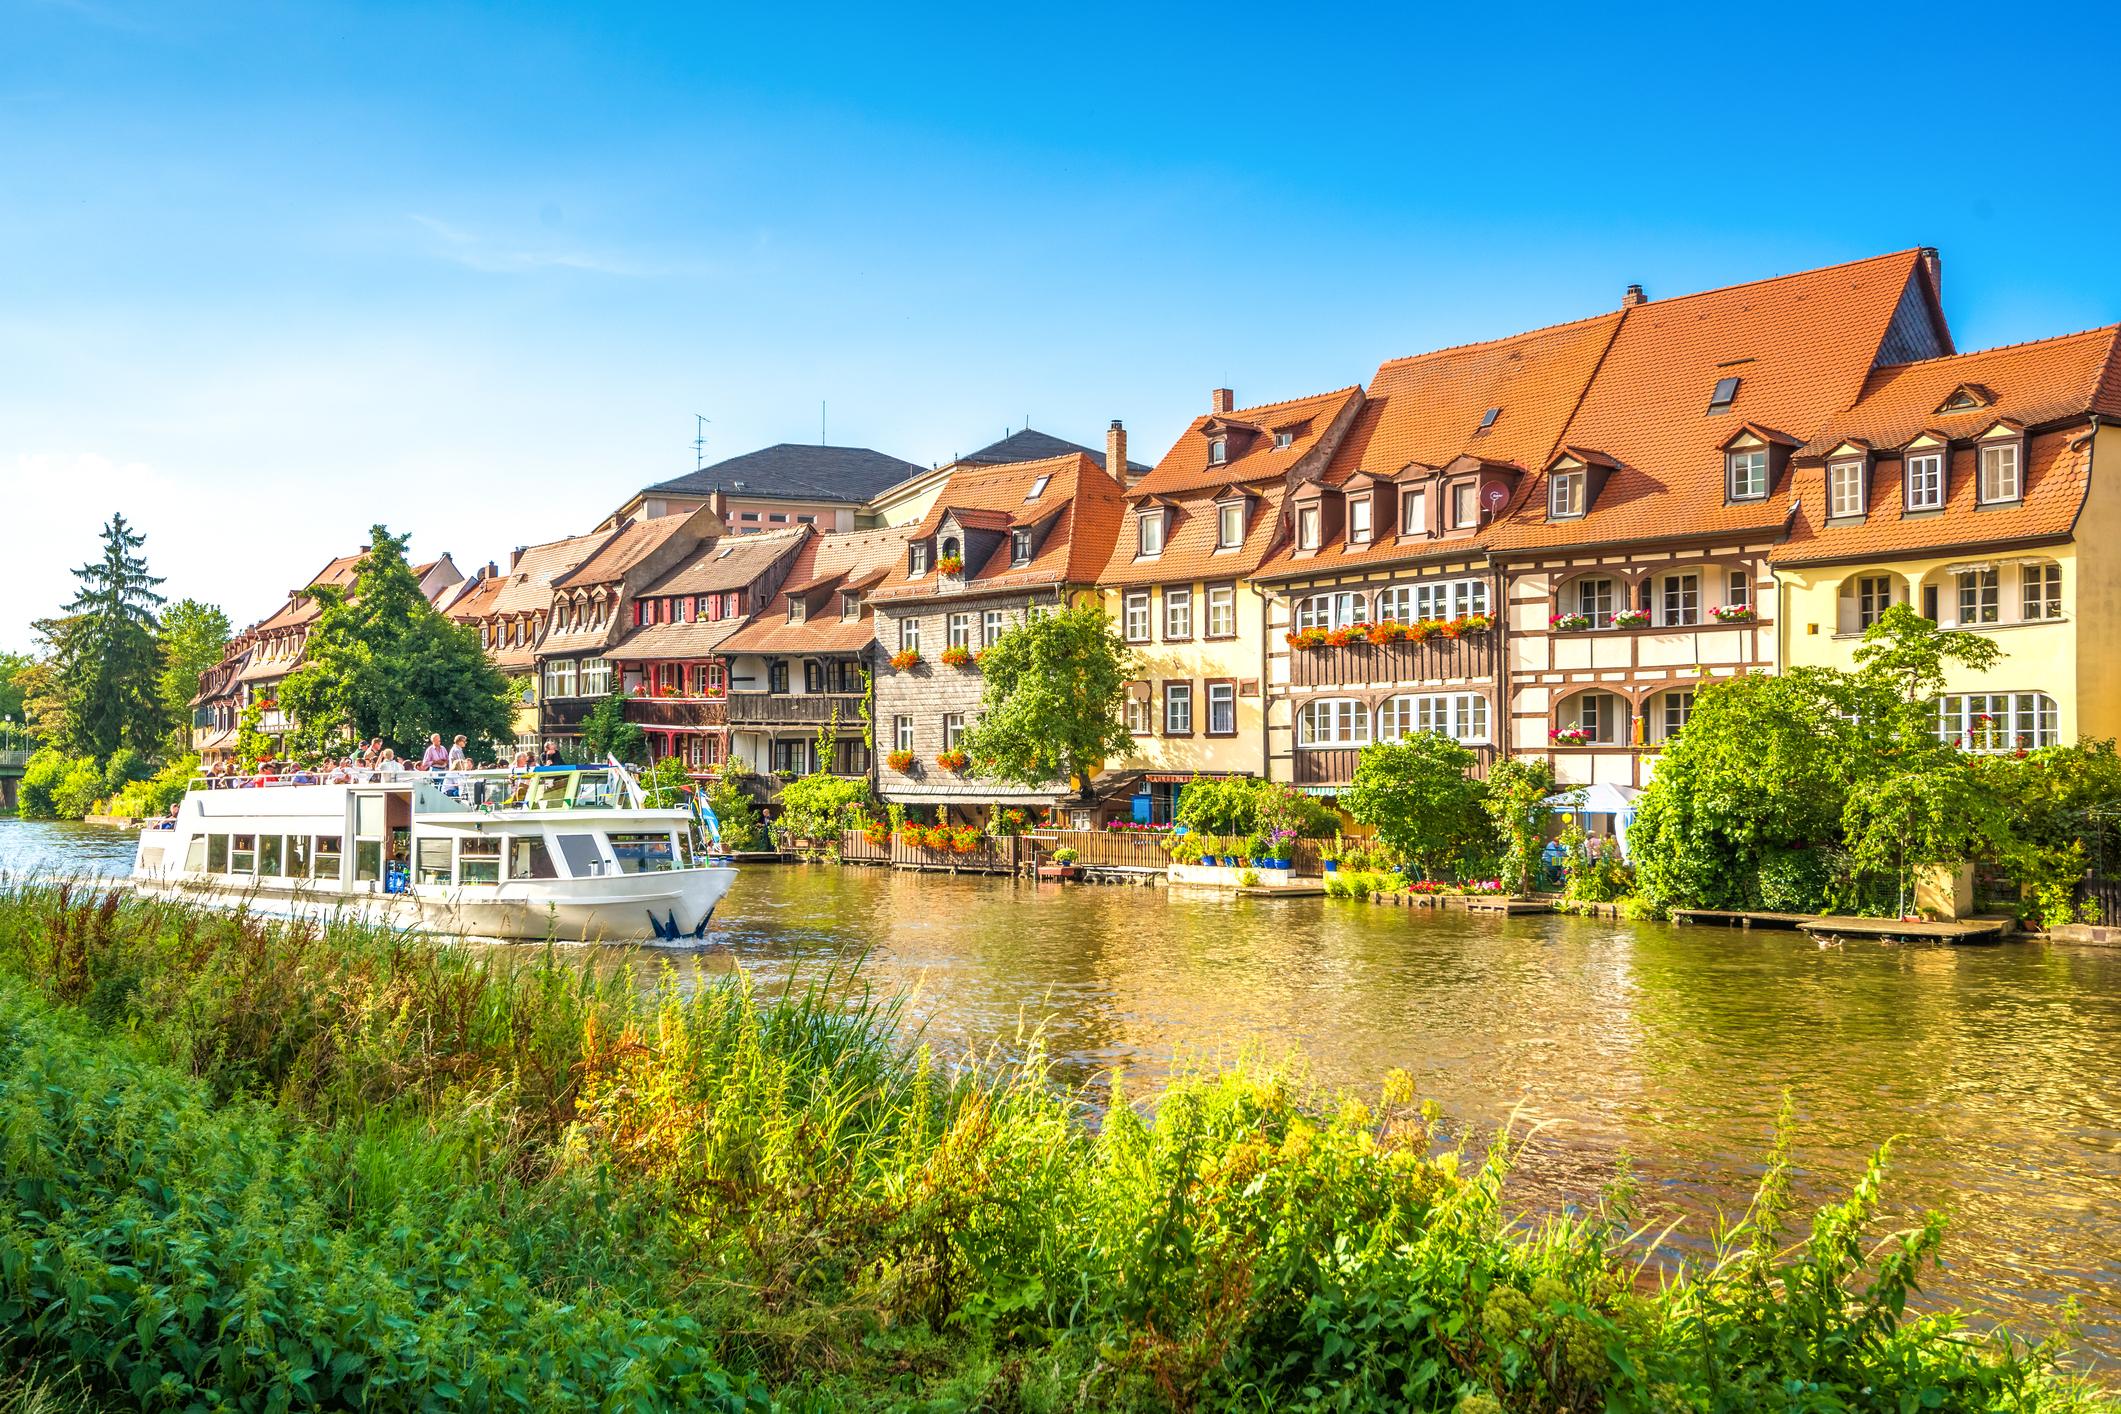 Бамбергеградв Германия, провинцияБавария, регионГорна Франкония.Разположен е нарекаРегниц. Градът е важен университетски център с един университет и един колеж. През1993г. старият град е включен в списъка на световното културно наследство наЮНЕСКО. <div></div>